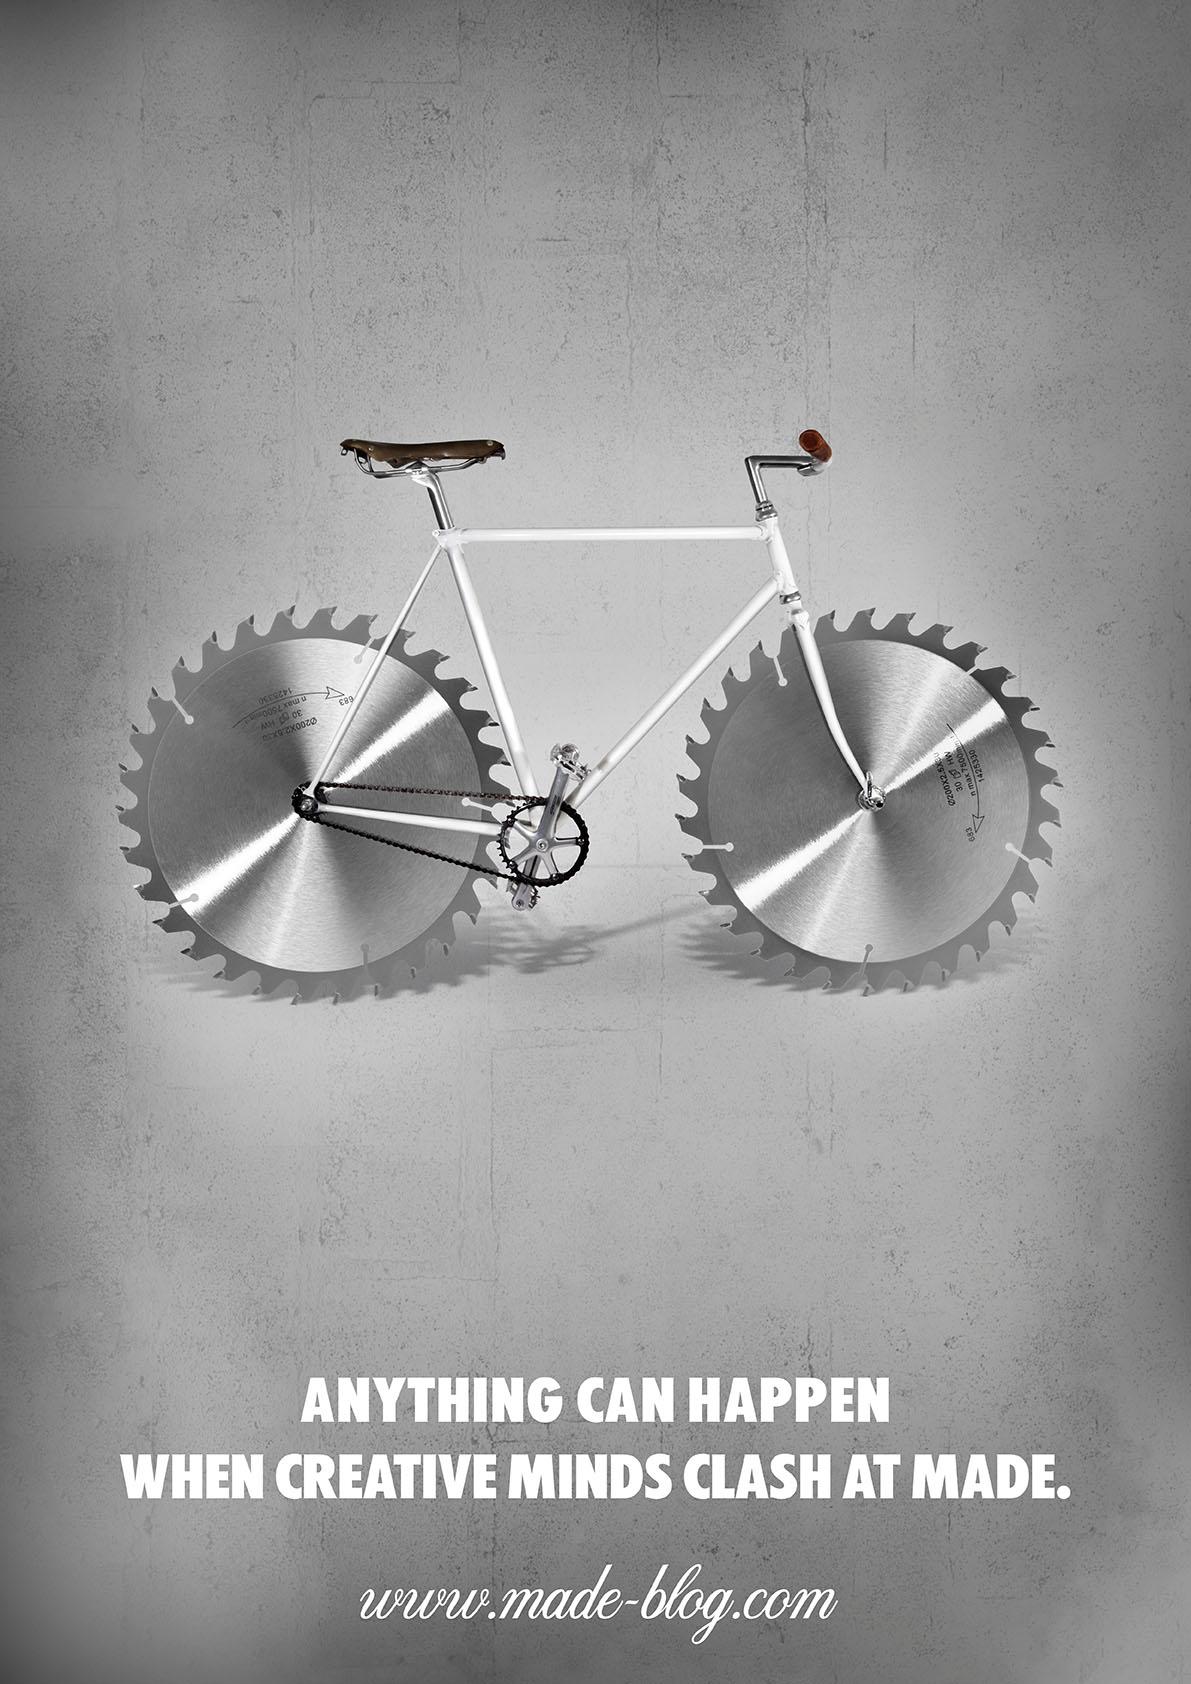 Made-Bike